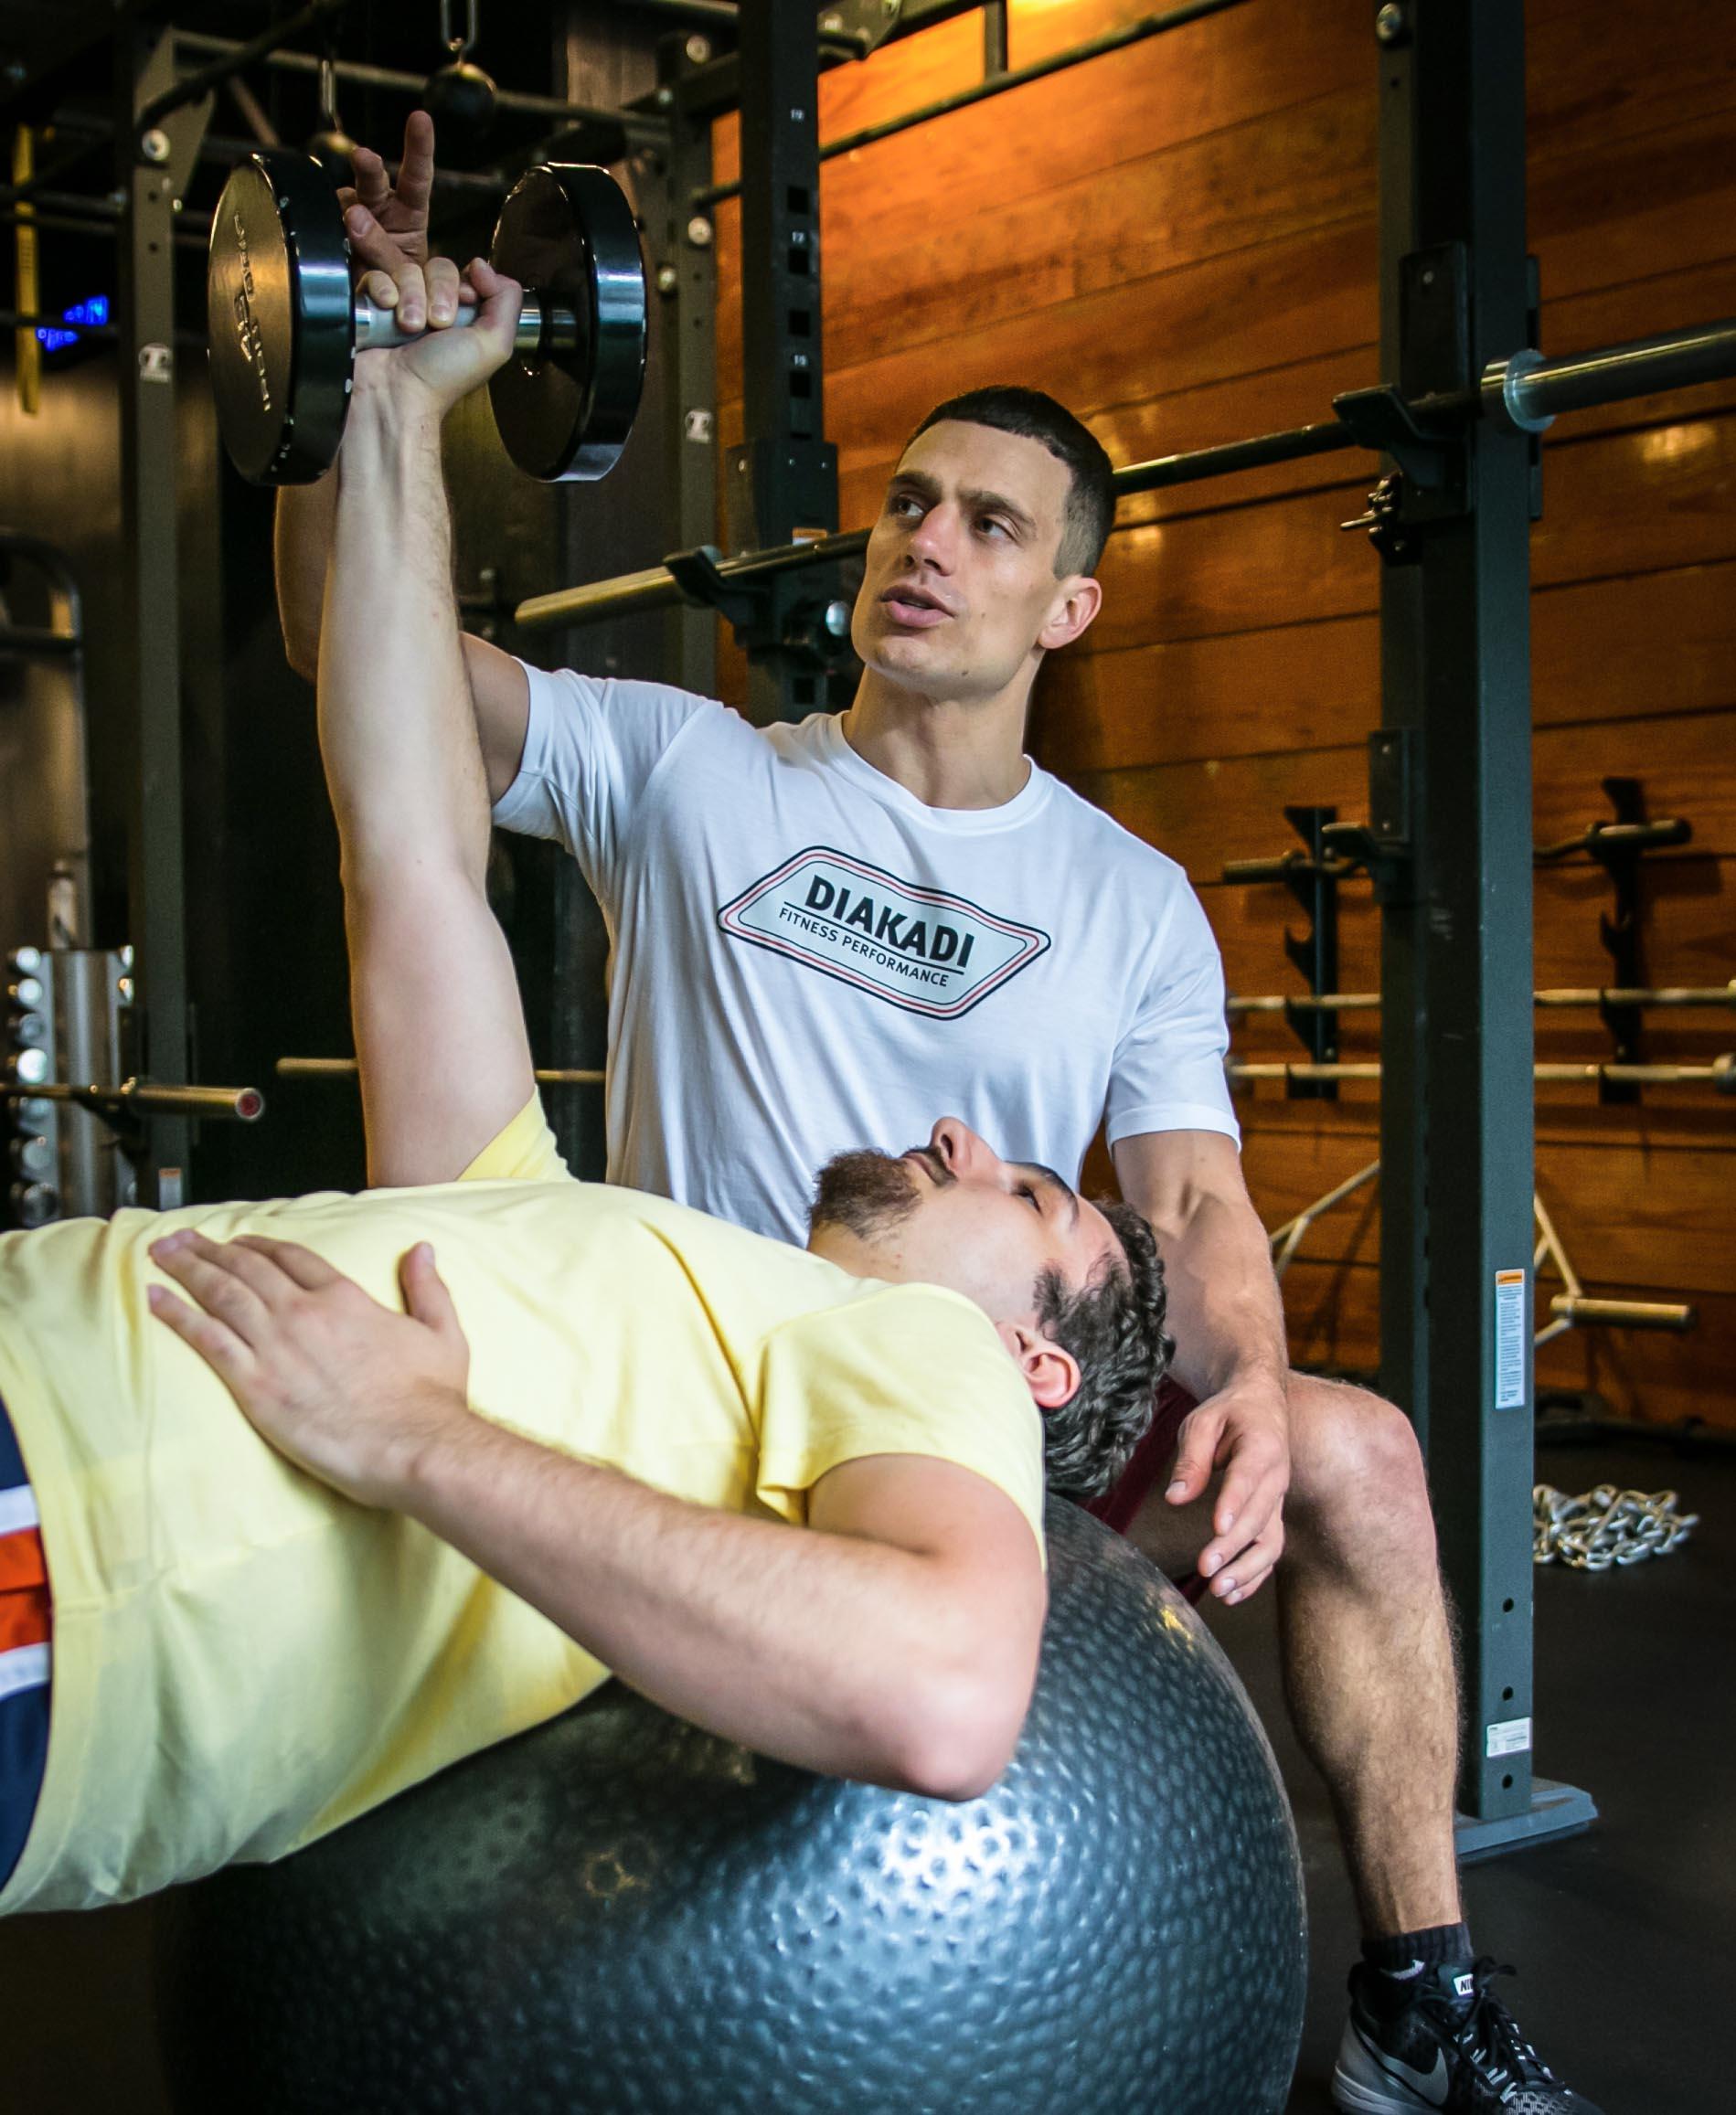 DIAKADI Trainer Tycho Bergquist stability ball dumbell press.jpg